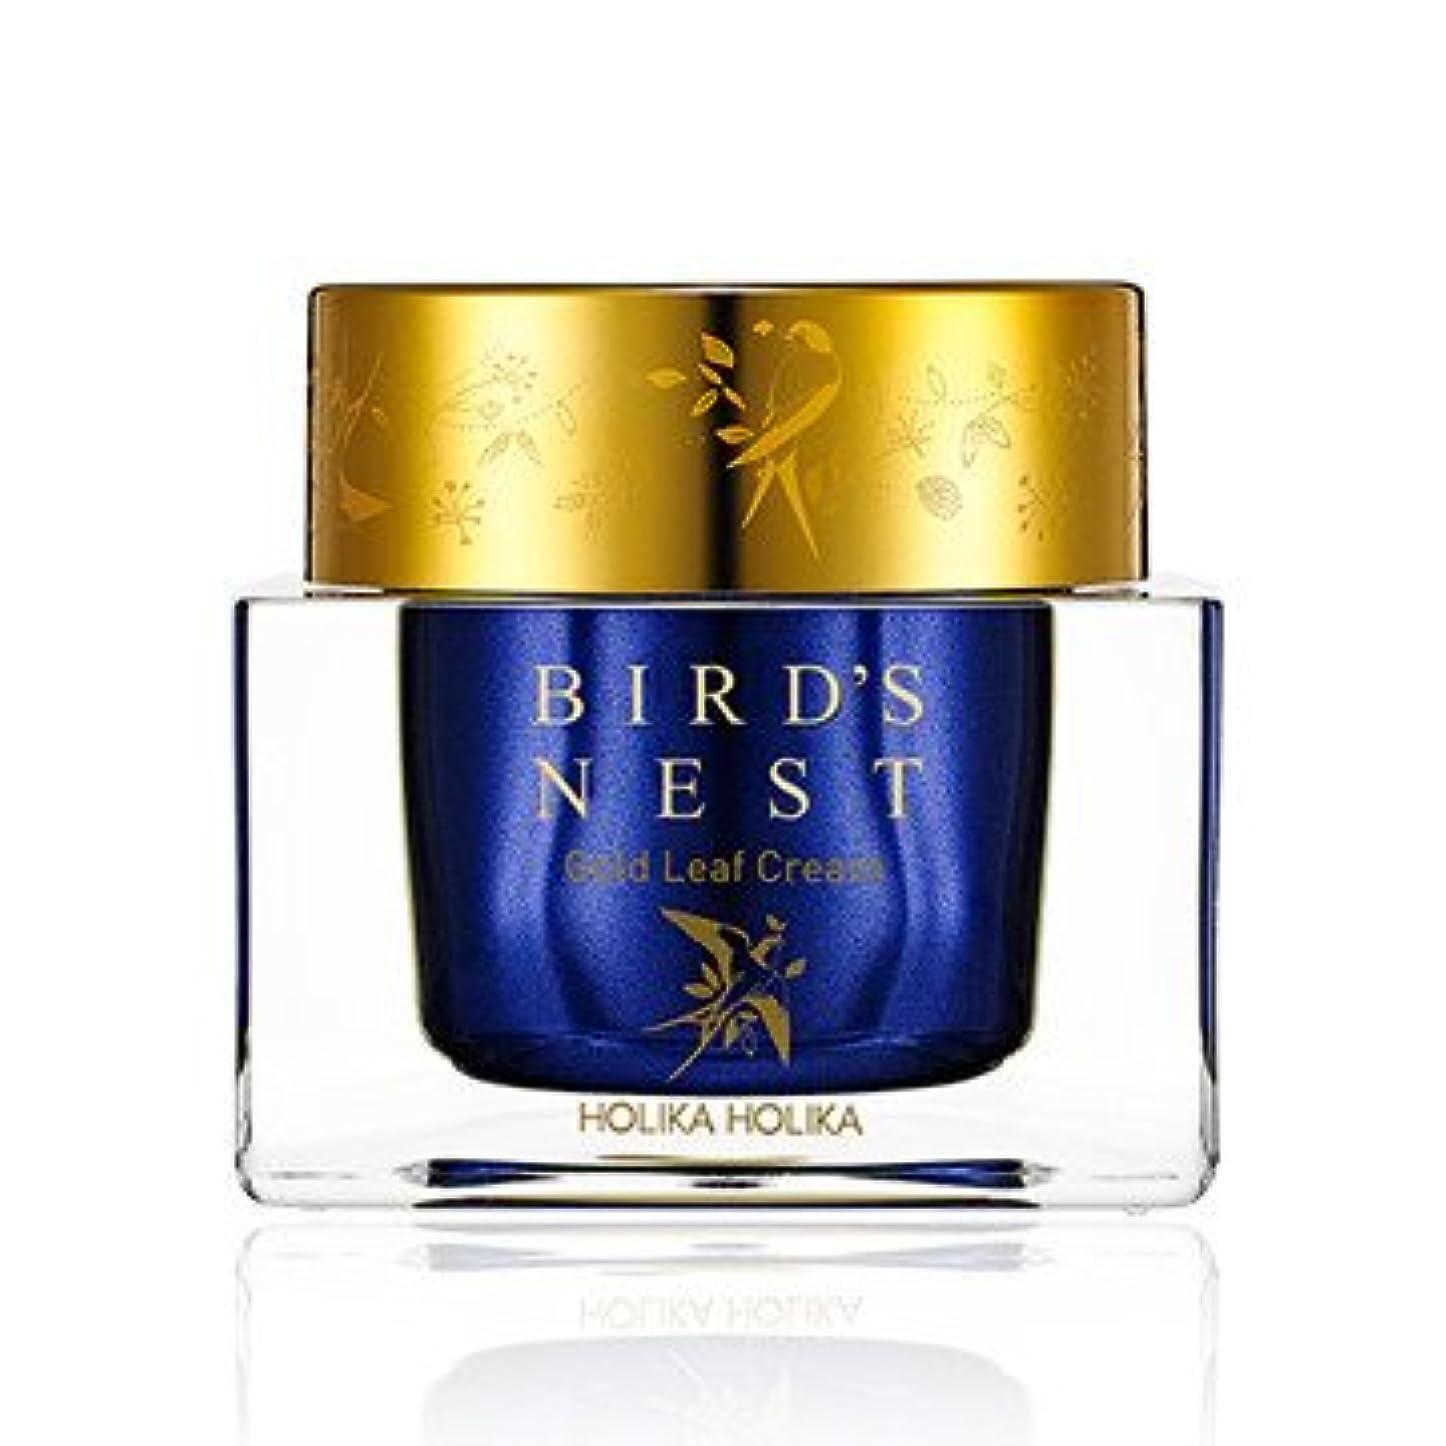 余裕があるおかしいキャリア[2018 NEW] ホリカホリカ プライムユース バーズネスト ゴールドリーフ クリーム/Holika Holika Prime Youth Birds Nest Gold Leaf Cream 55ml [並行輸入品]